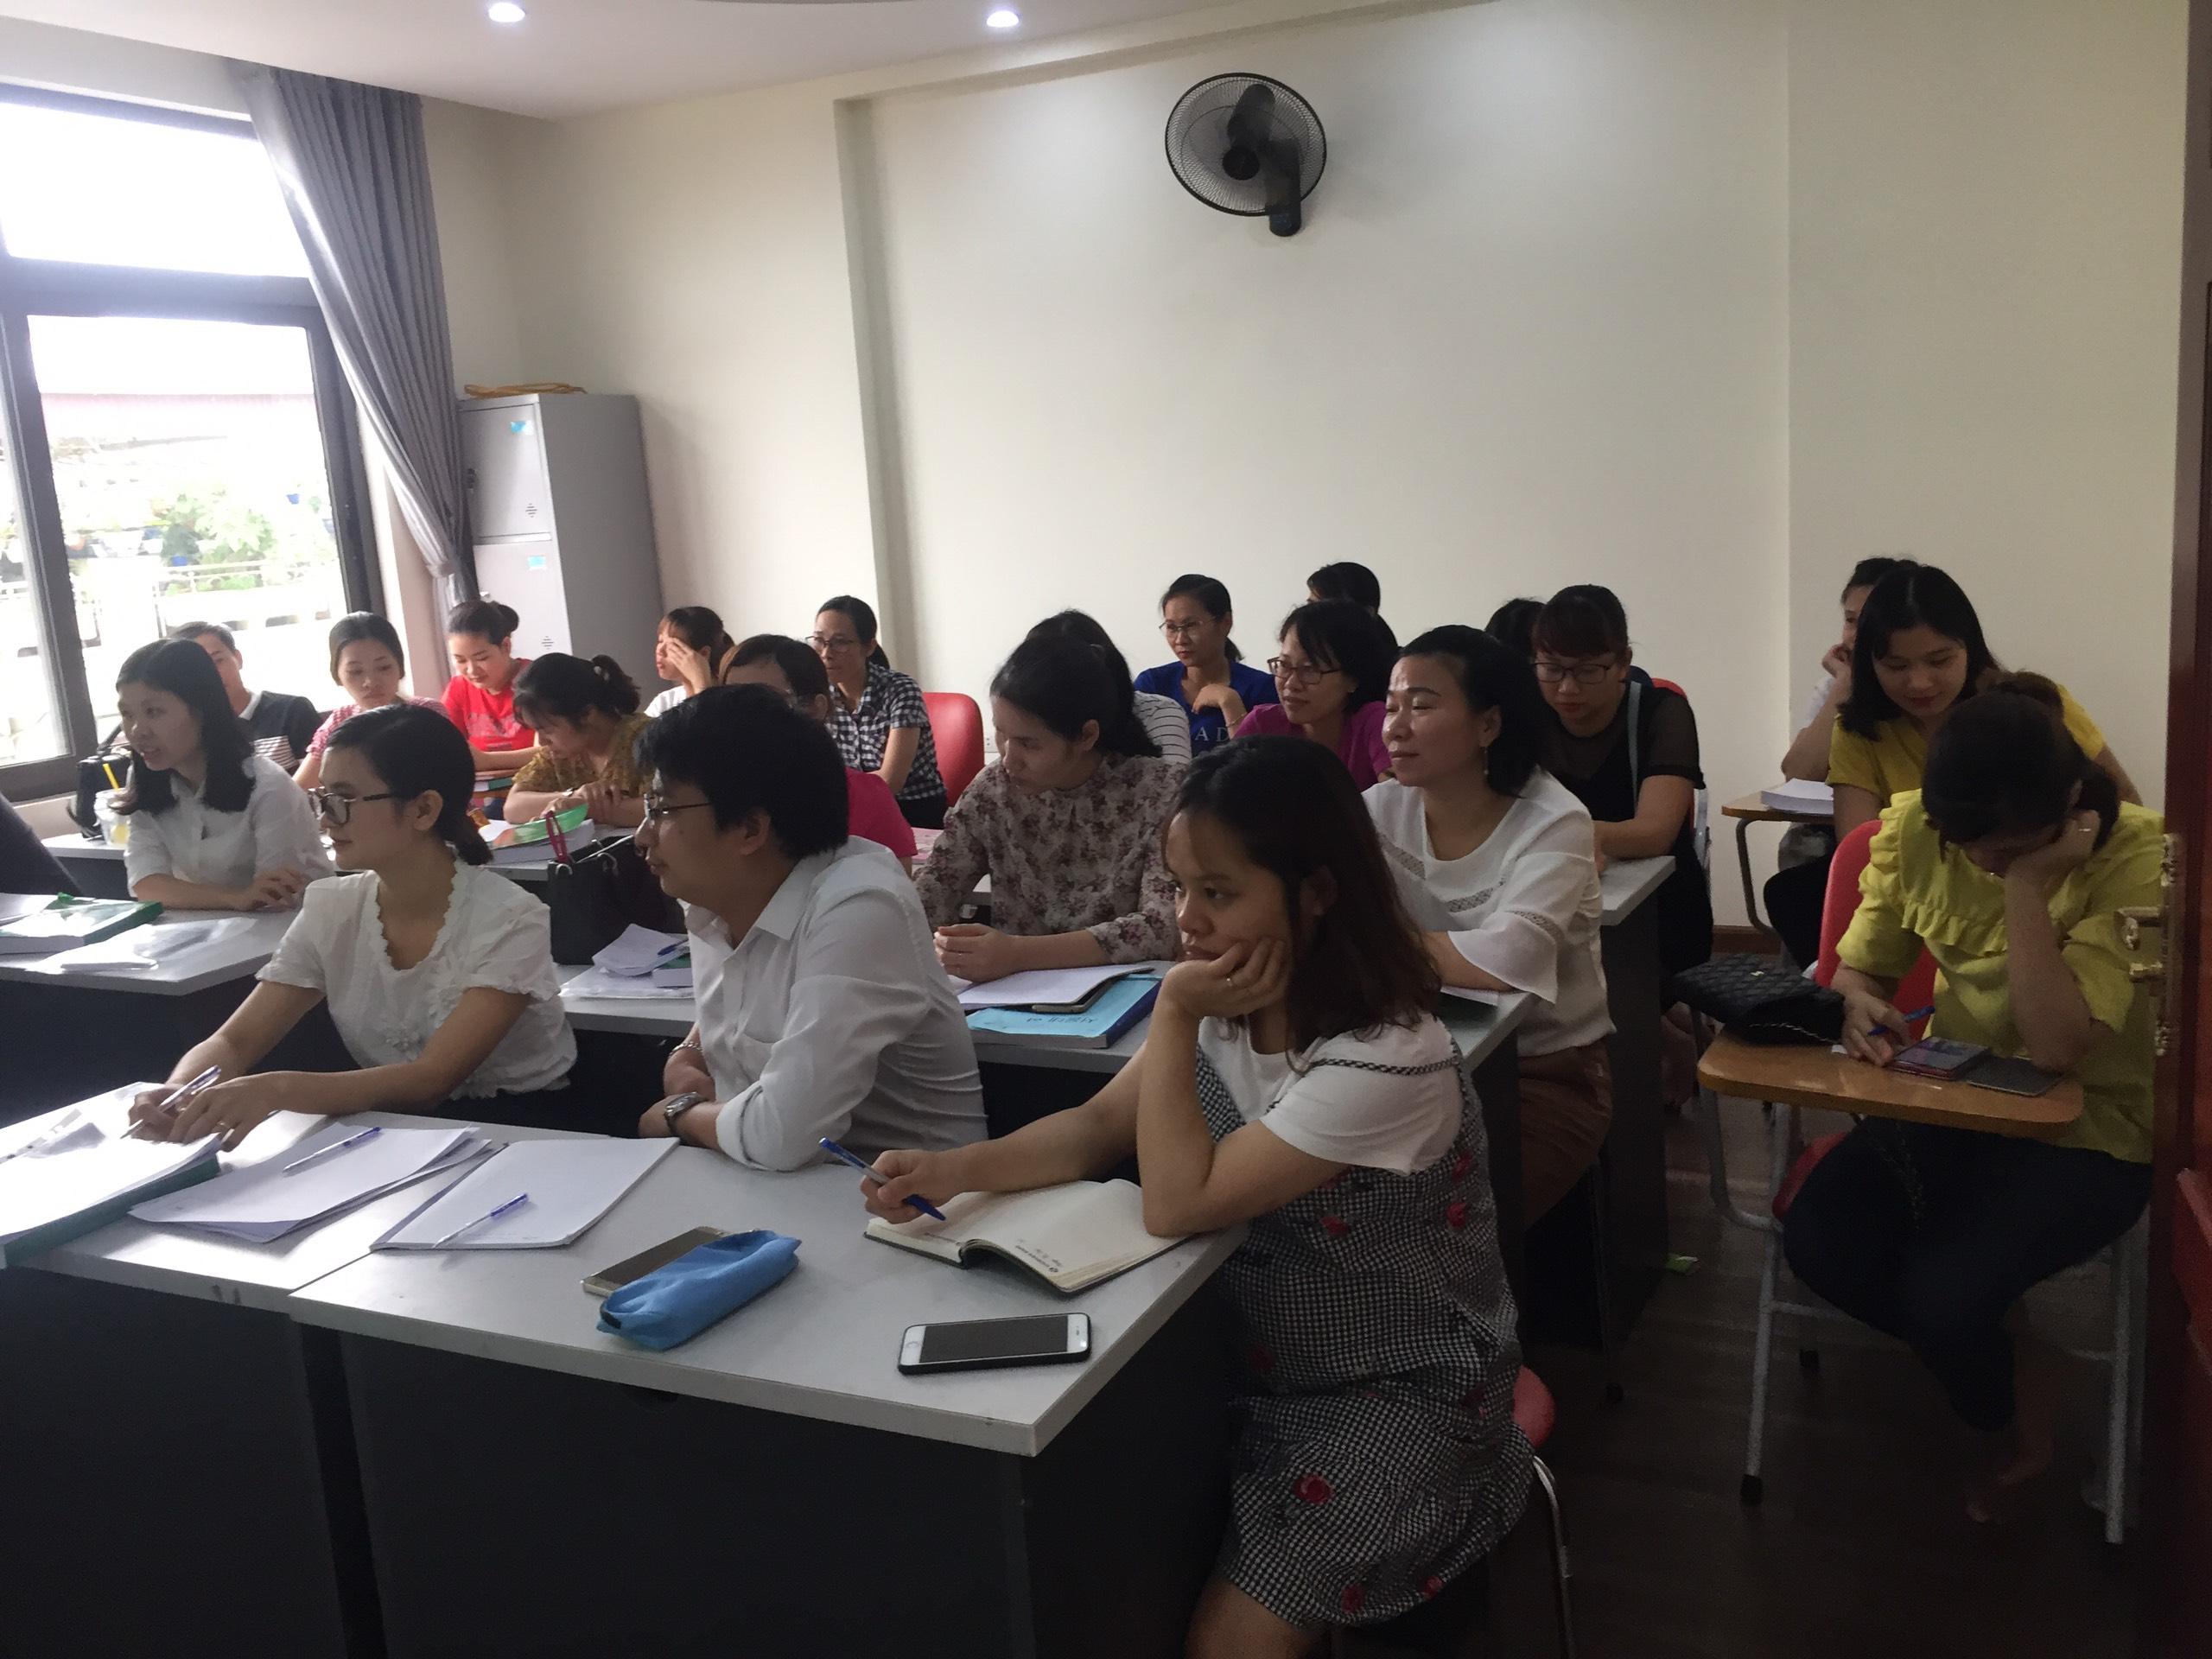 lớp kế toán tổng hợp tại Bắc Ninh